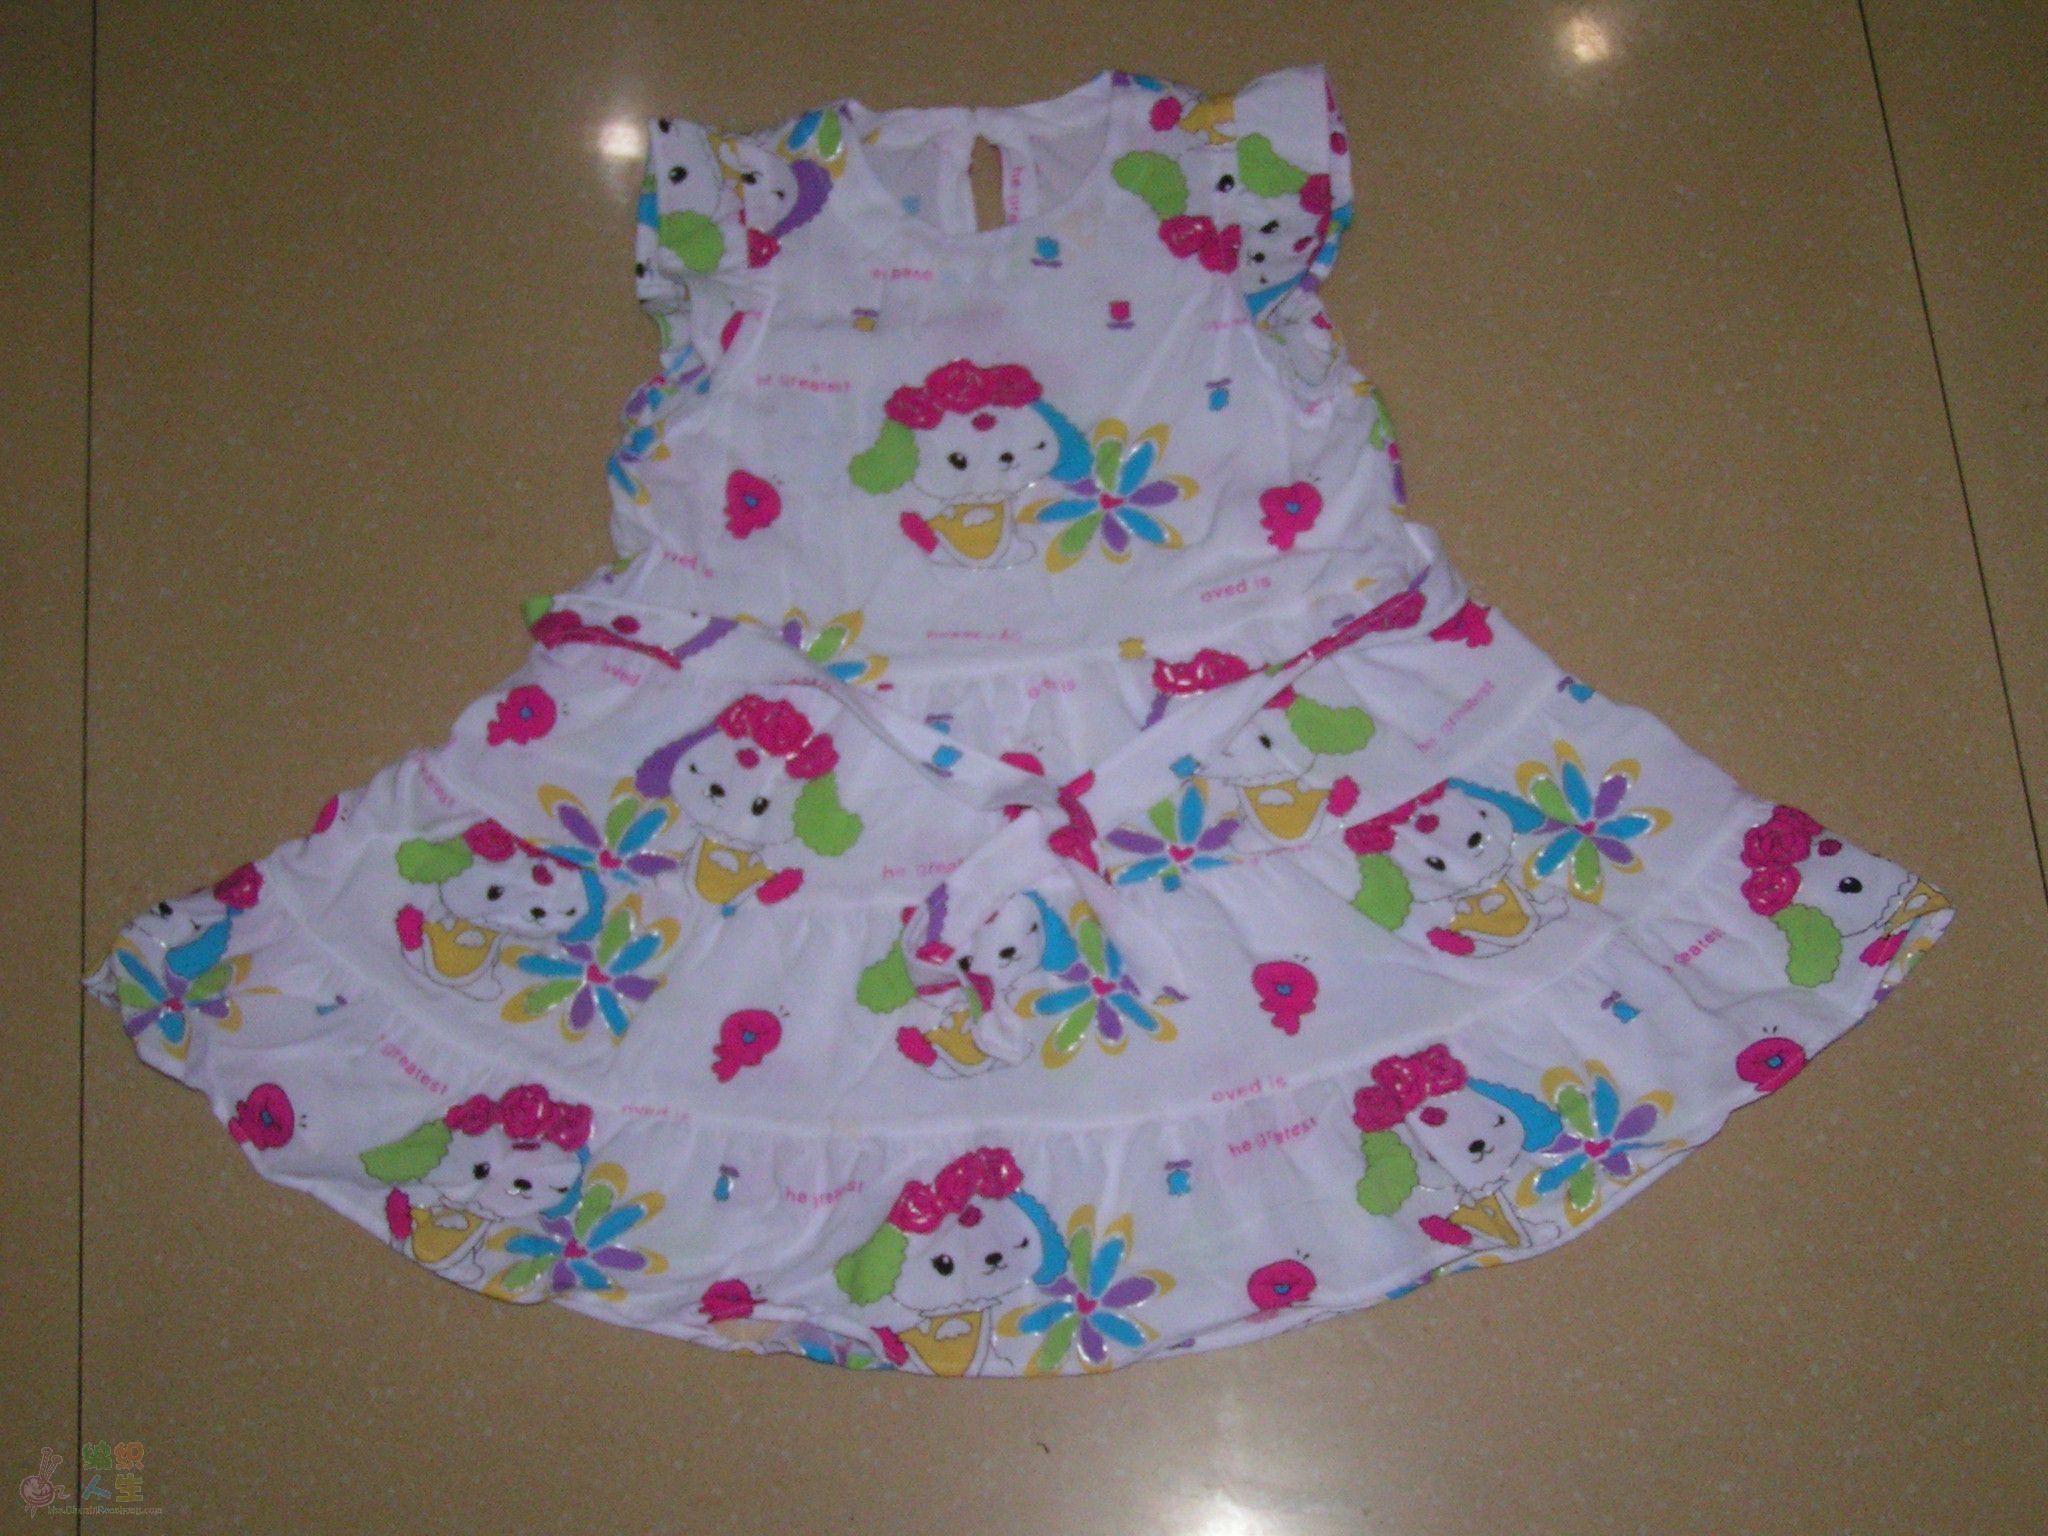 手工diy俱乐部 69 服装设计与裁剪 69 给宝宝做了六条棉绸花裙子